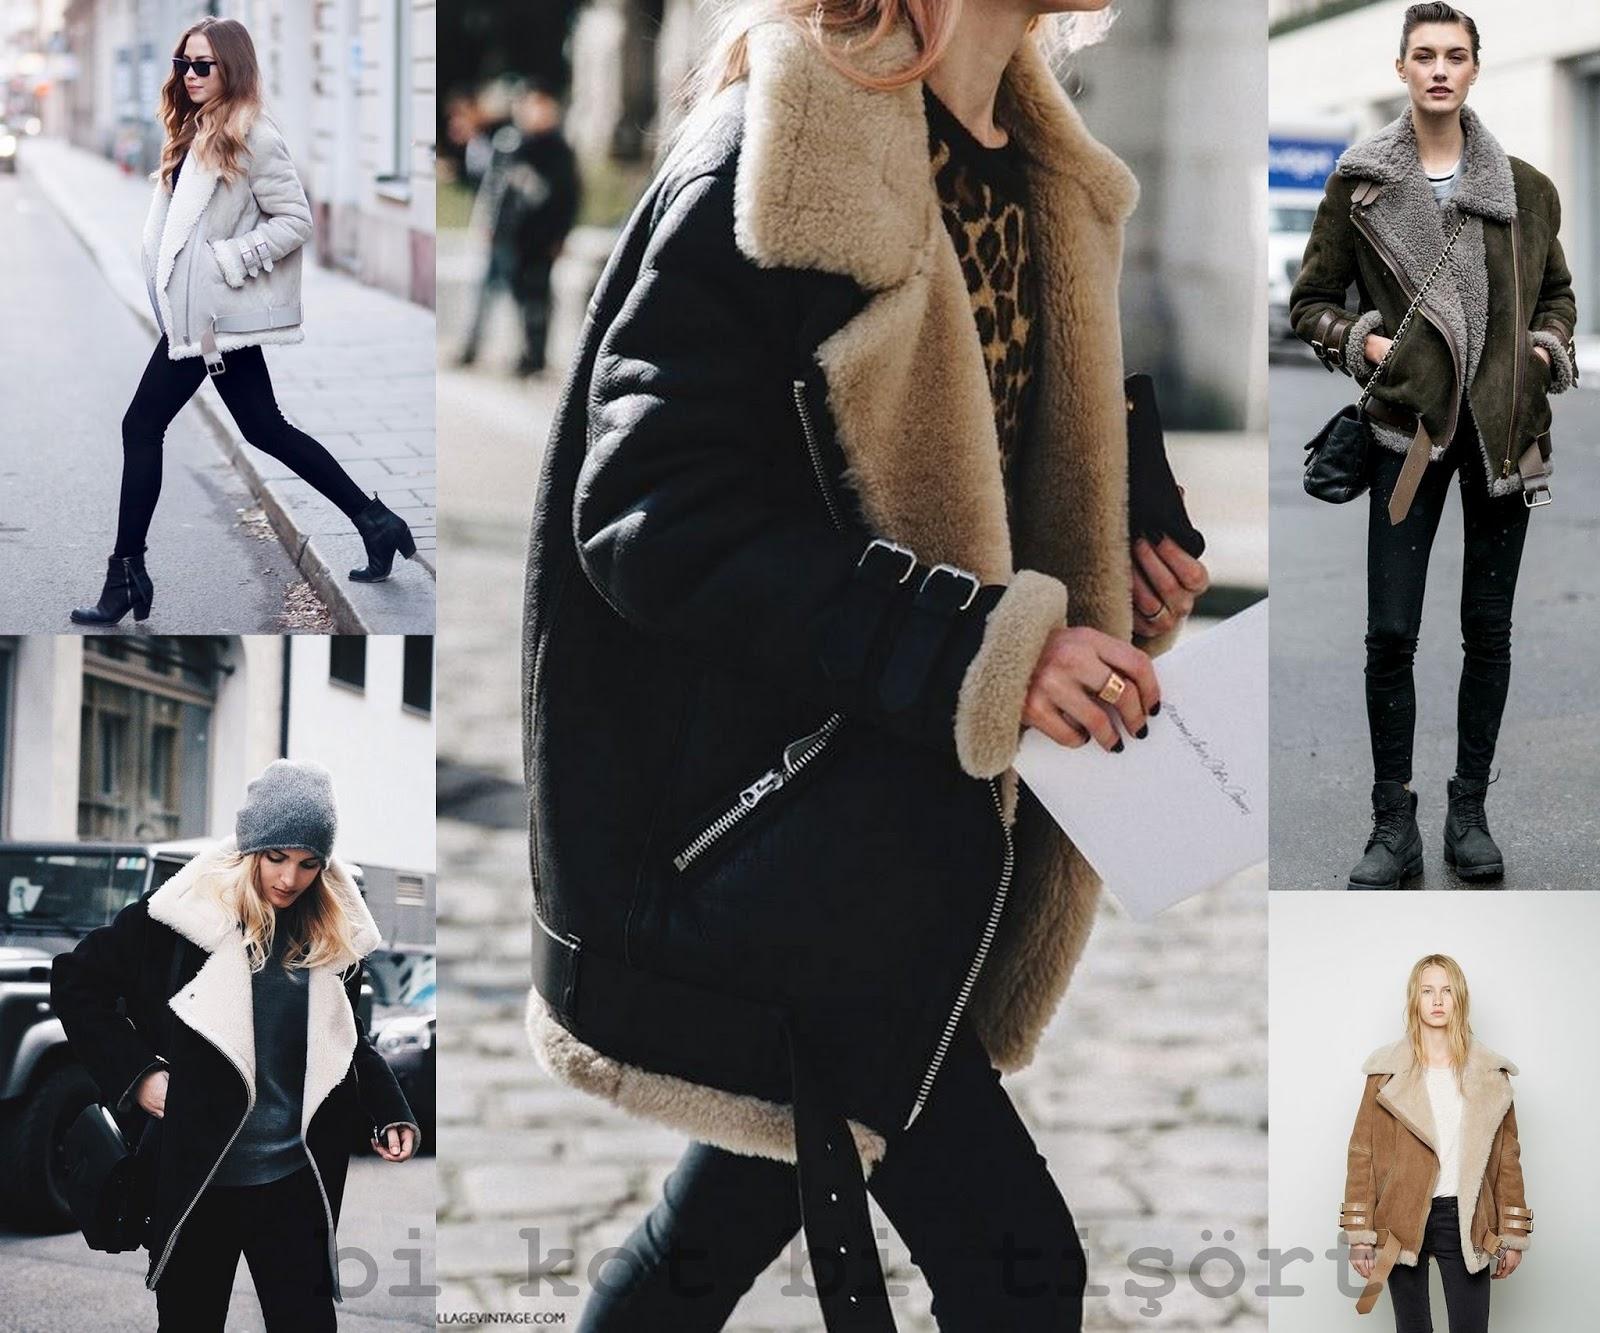 Sonbahar Modası Kürk Trendleri